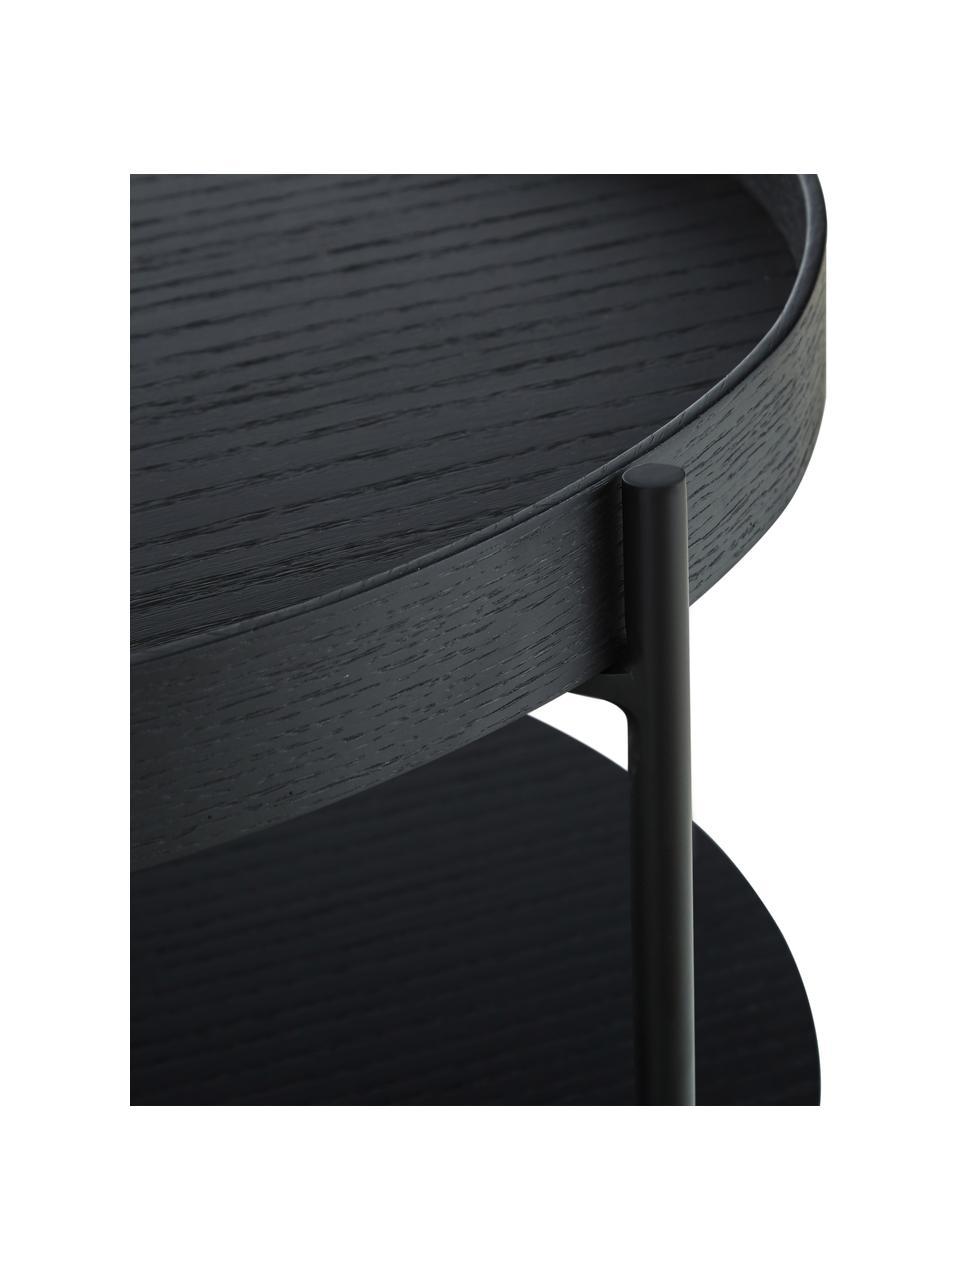 Tavolino da salotto in legno nero Renee, Ripiani: pannello di fibra a media, Struttura: metallo verniciato a polv, Nero, Ø 69 x Alt. 39 cm